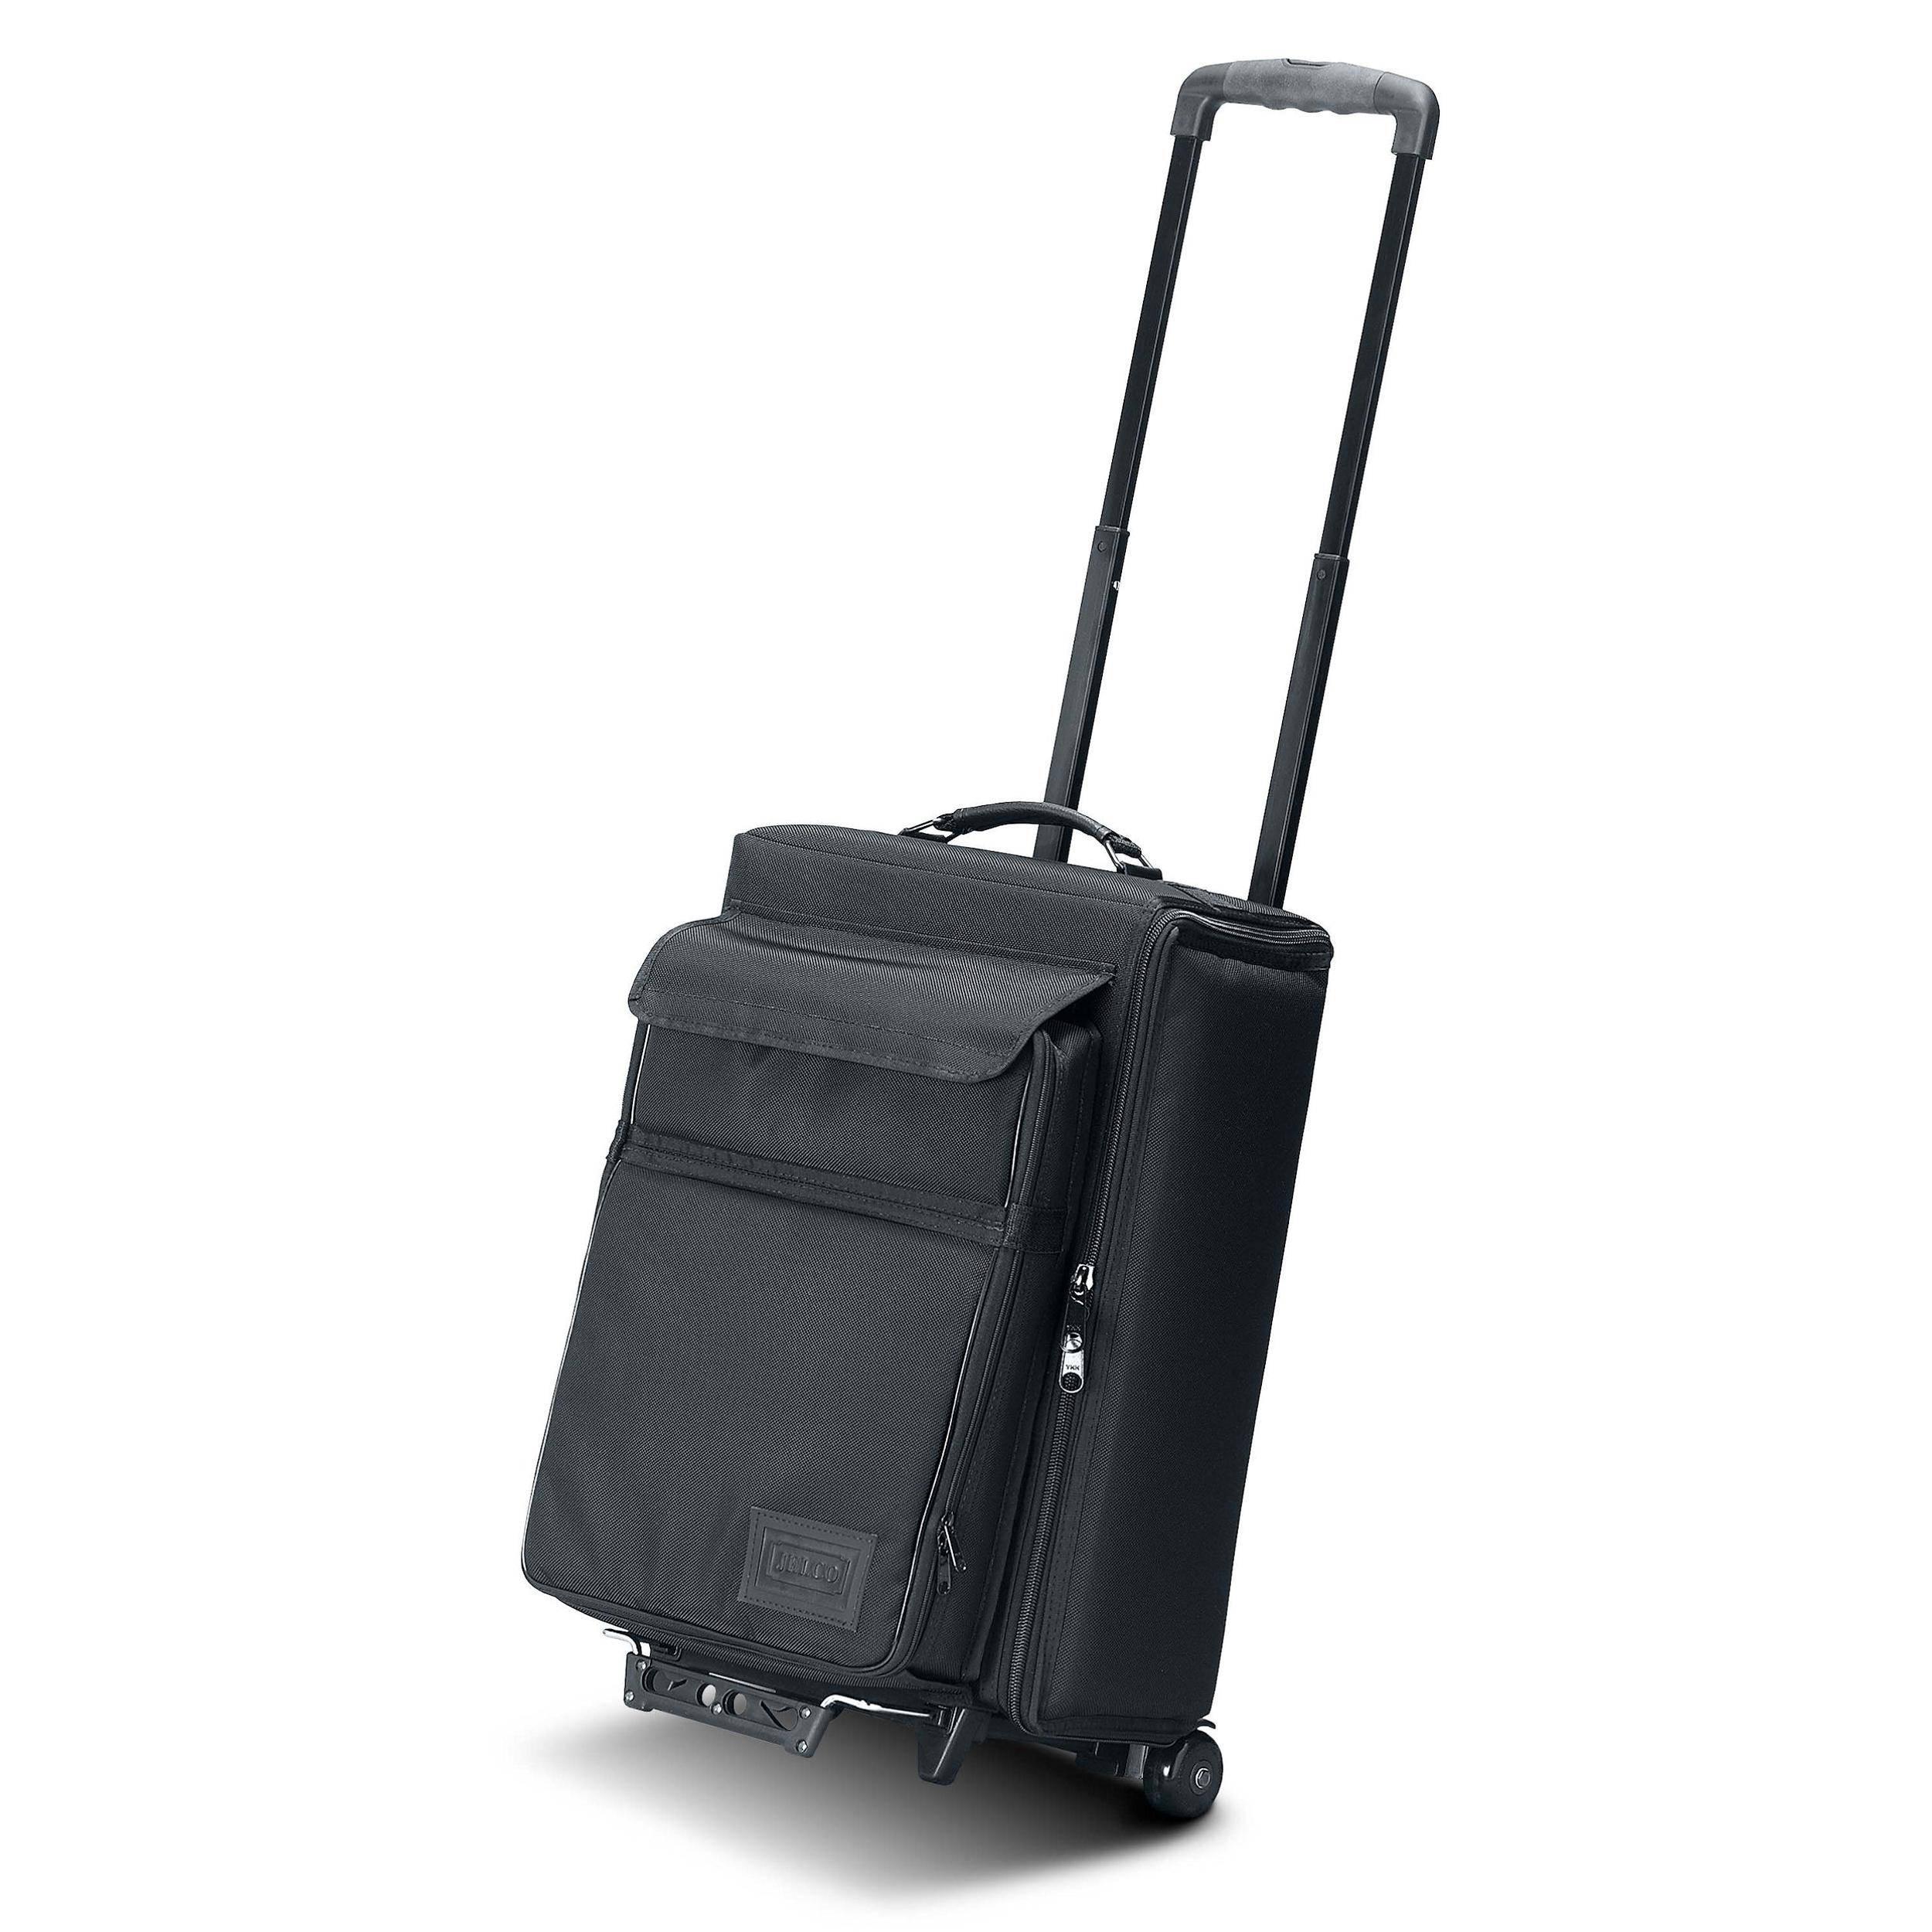 jelco jel 1312 rp padded hard side travel case jel 1312rp b h. Black Bedroom Furniture Sets. Home Design Ideas